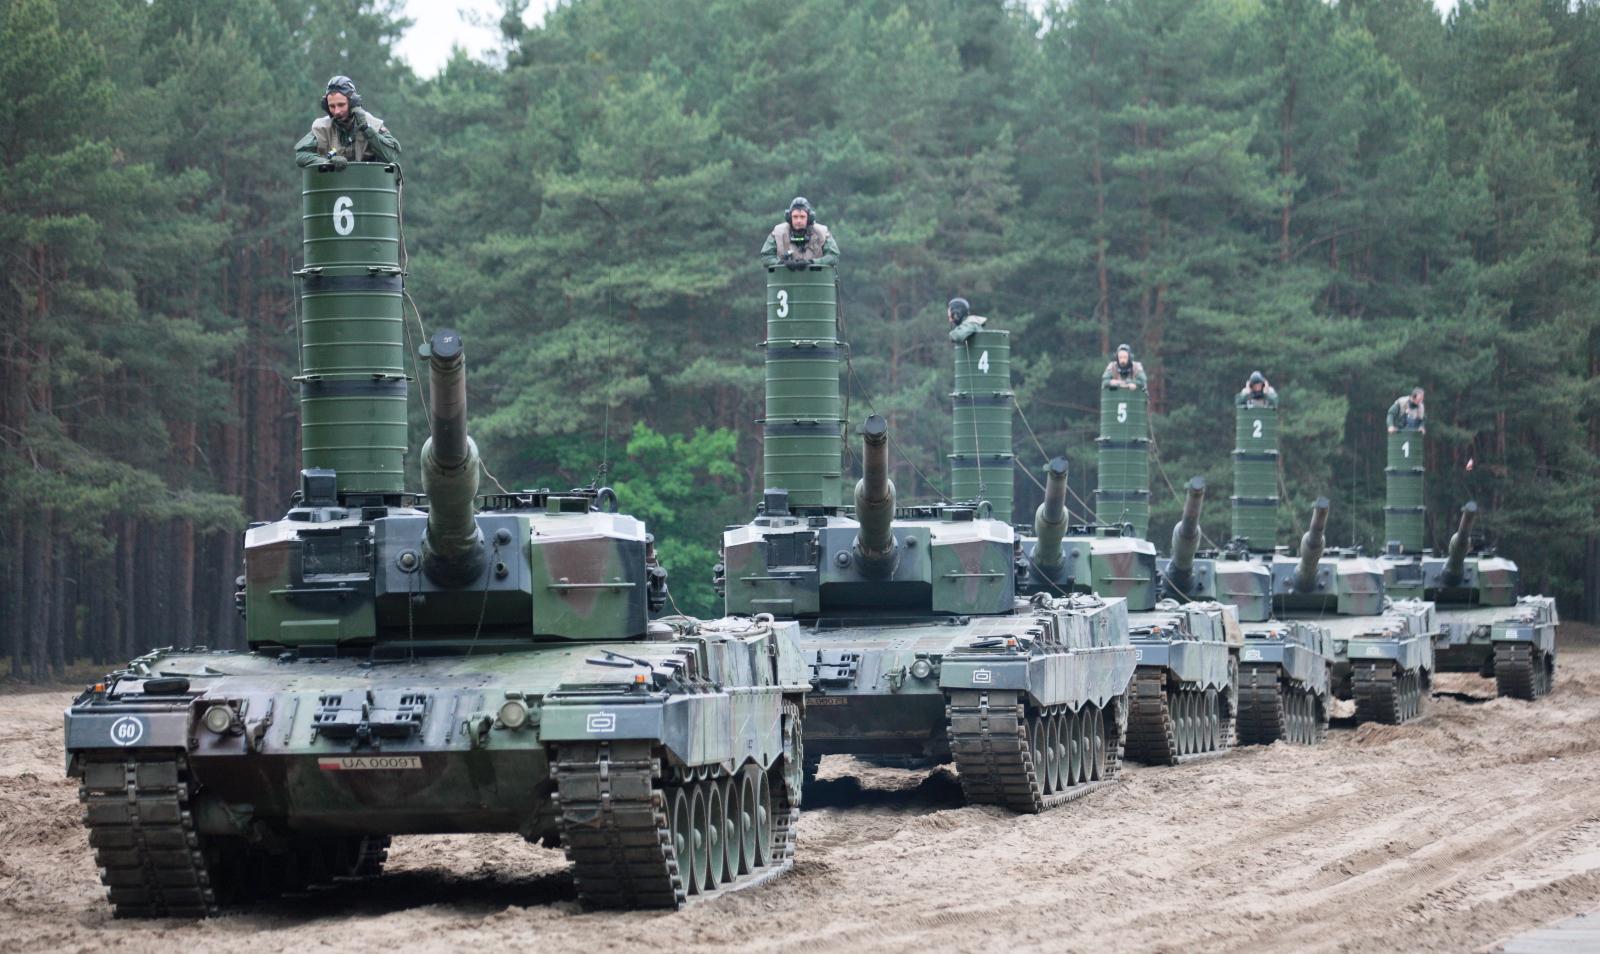 Żołnierze z jednostek 11. Lubuskiej Dywizji Kawalerii Pancernej podczas ćwiczeń z zakresu pokonania czołgami Leopard przeszkody wodnej - rzeki Odry,